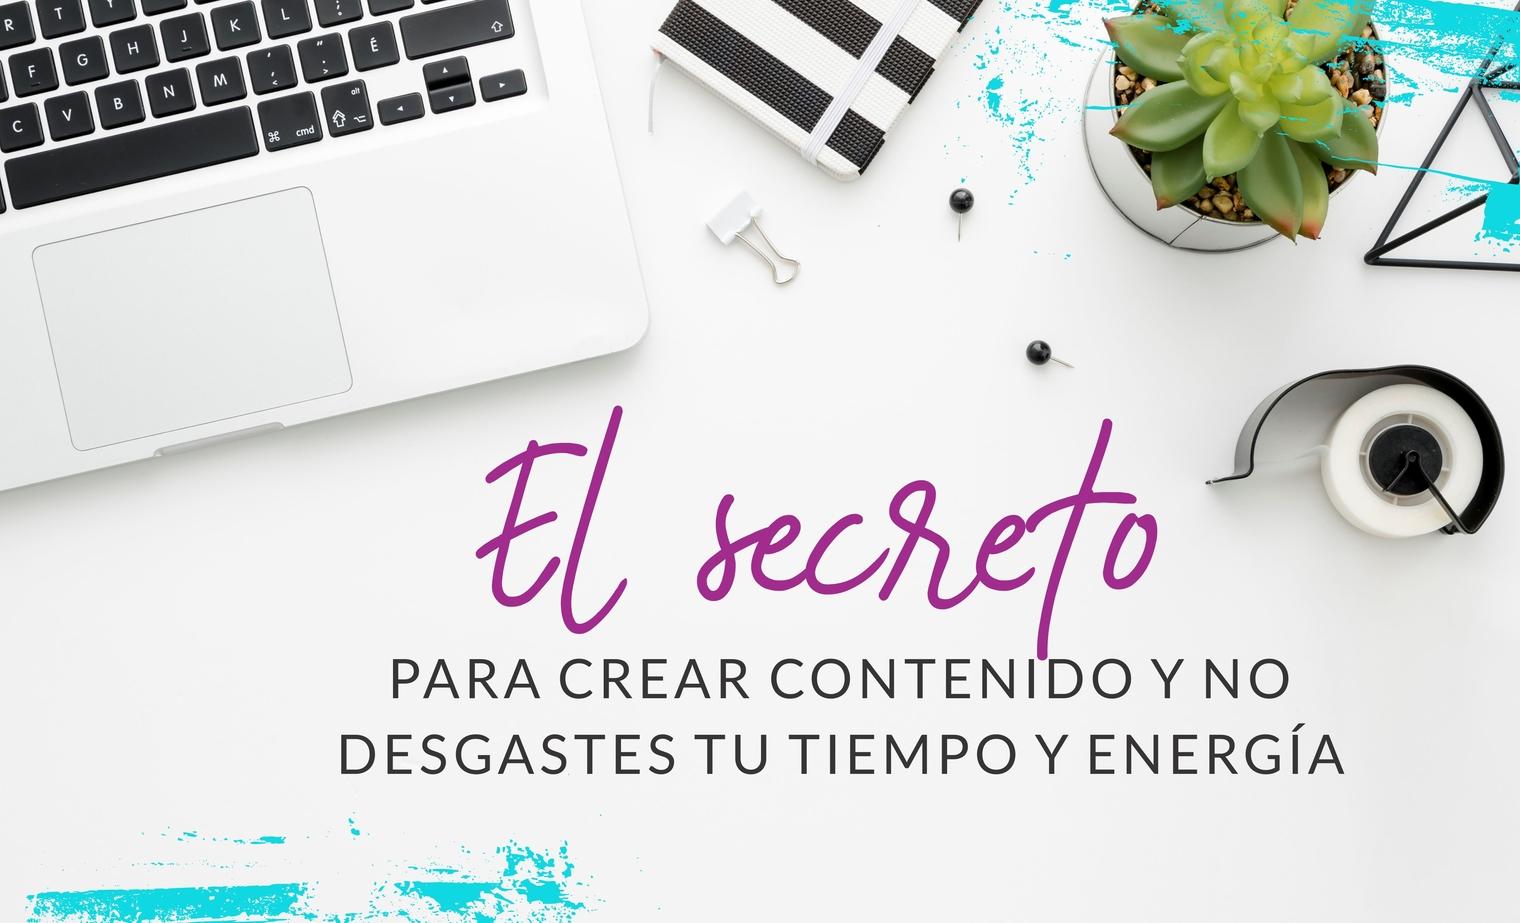 Episodio #4: El Secreto Para Crear Contenido y No Desgastes tu Tiempo y Energía